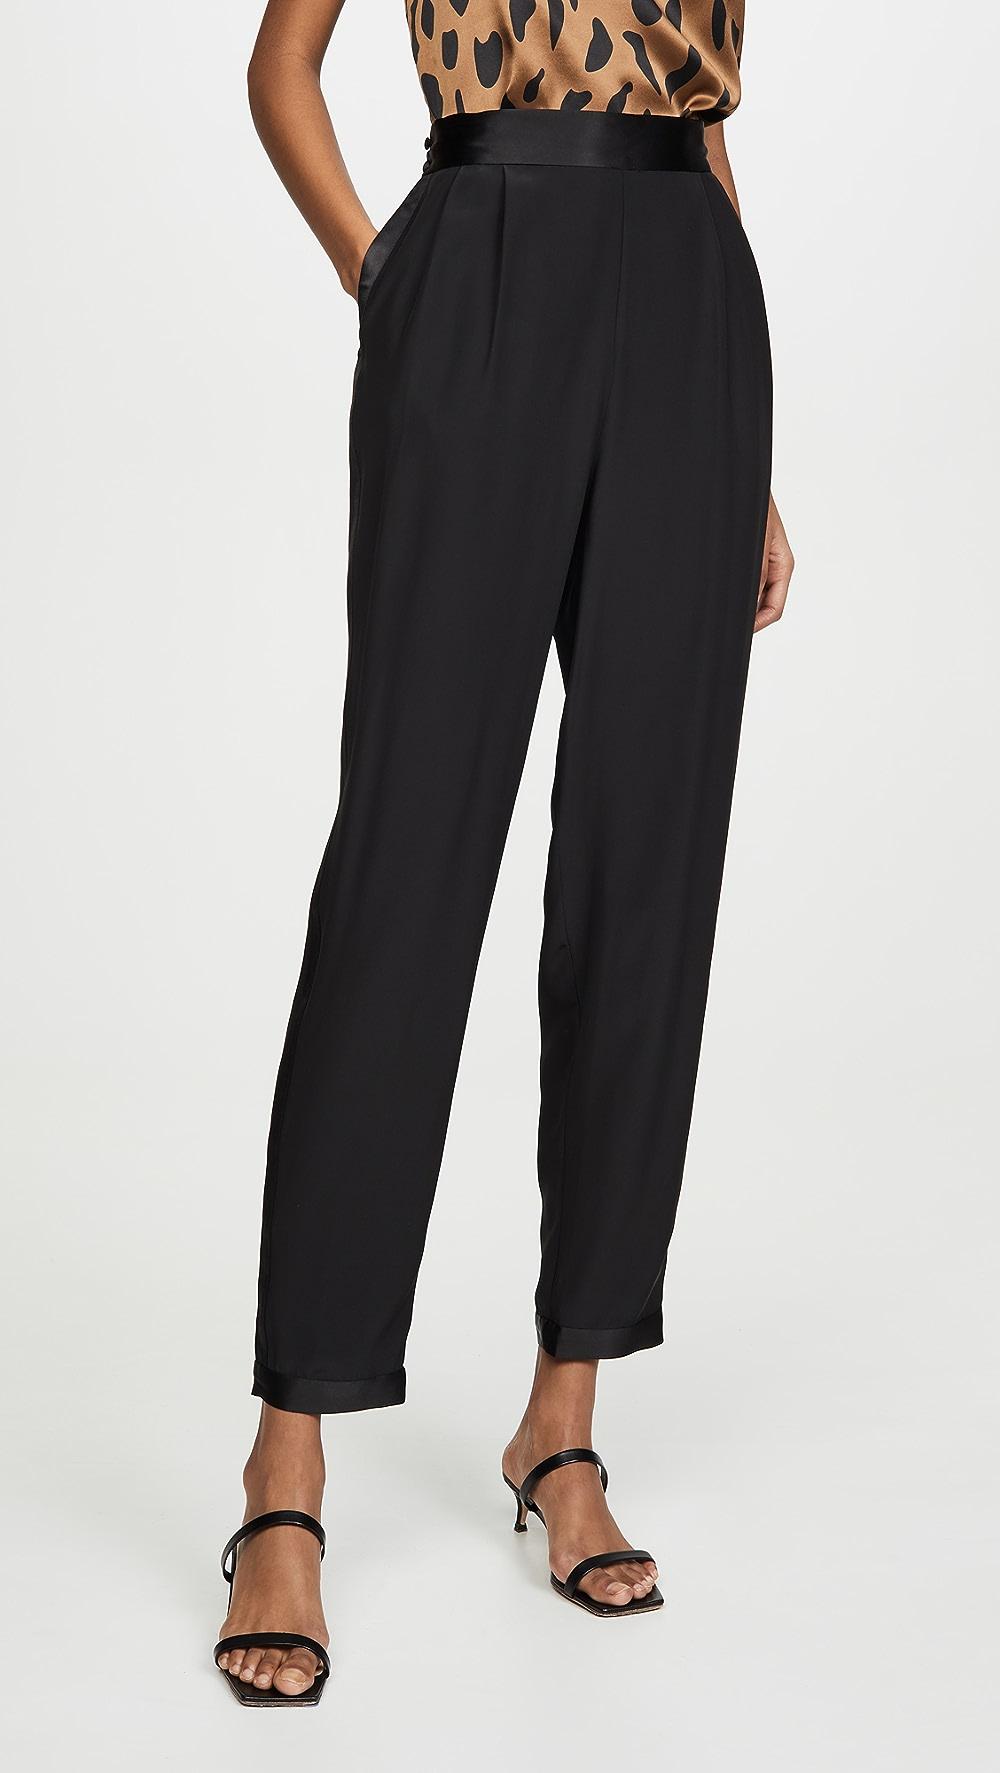 2019 Latest Design Fleur Du Mal - Tuxedo Pants Mild And Mellow